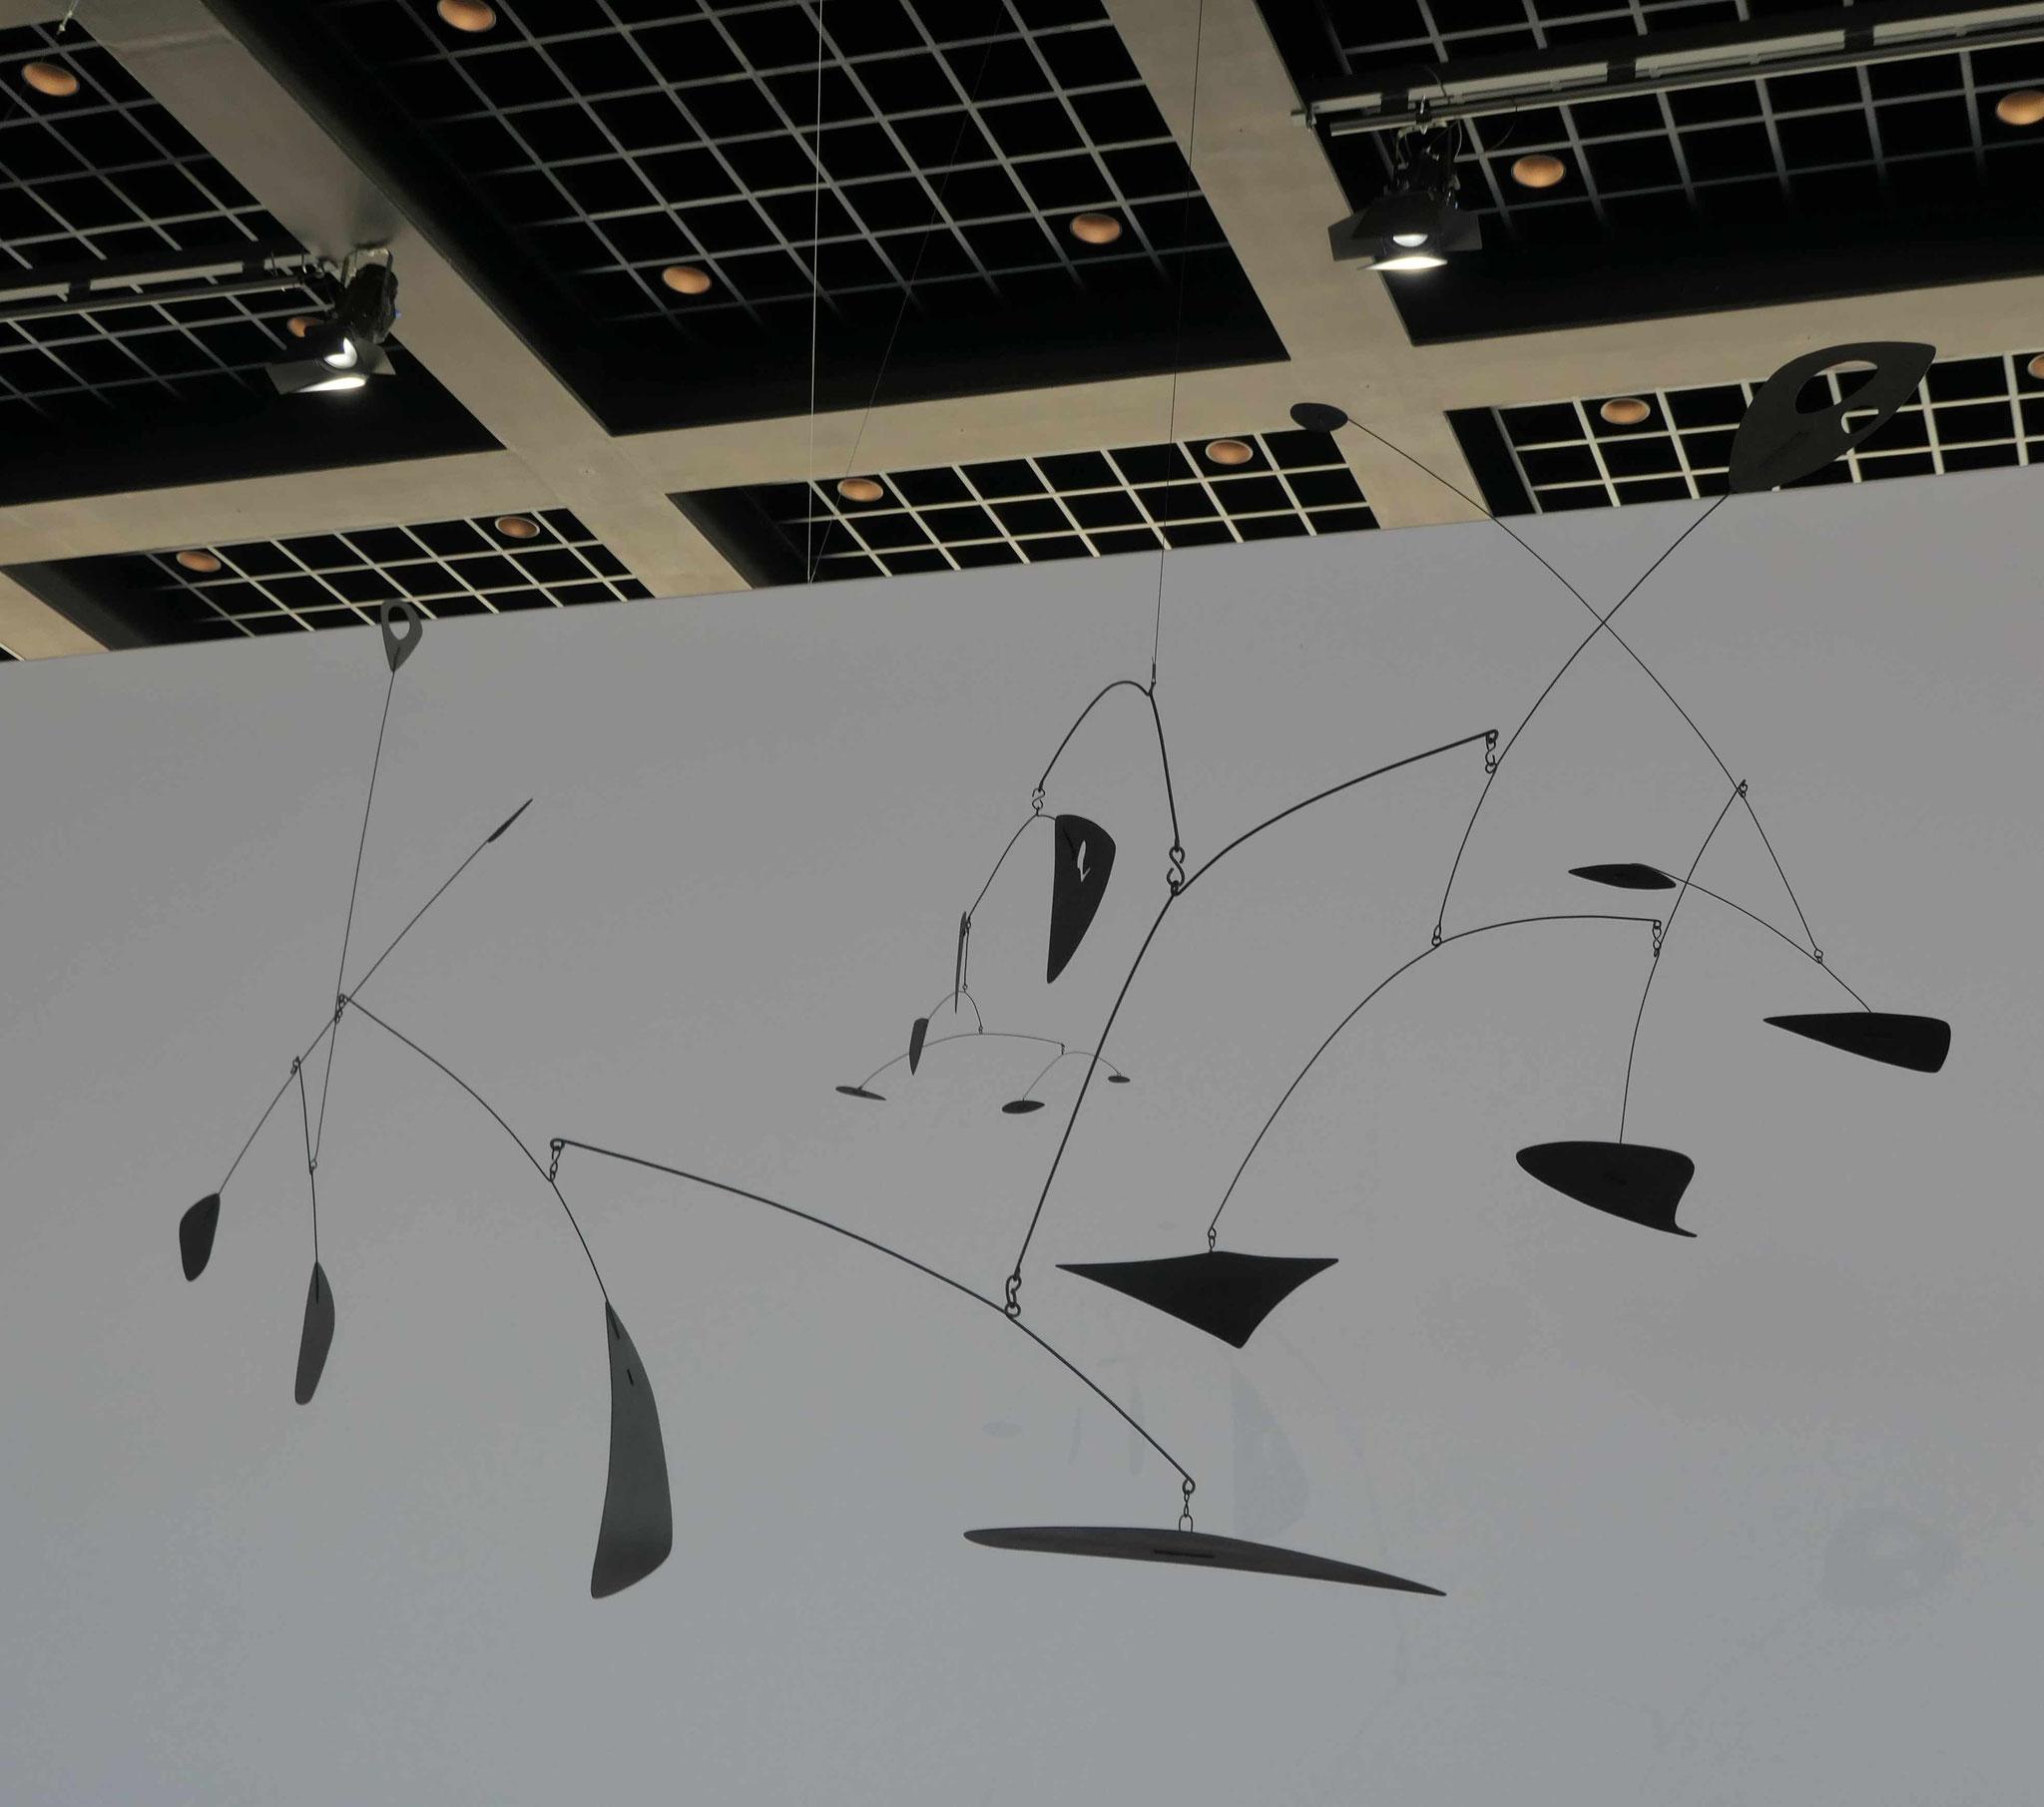 Alexander Calder, Ausstellung zur Wiedereröffnung der Neuen Nationalgalerie Berlin, September 2021